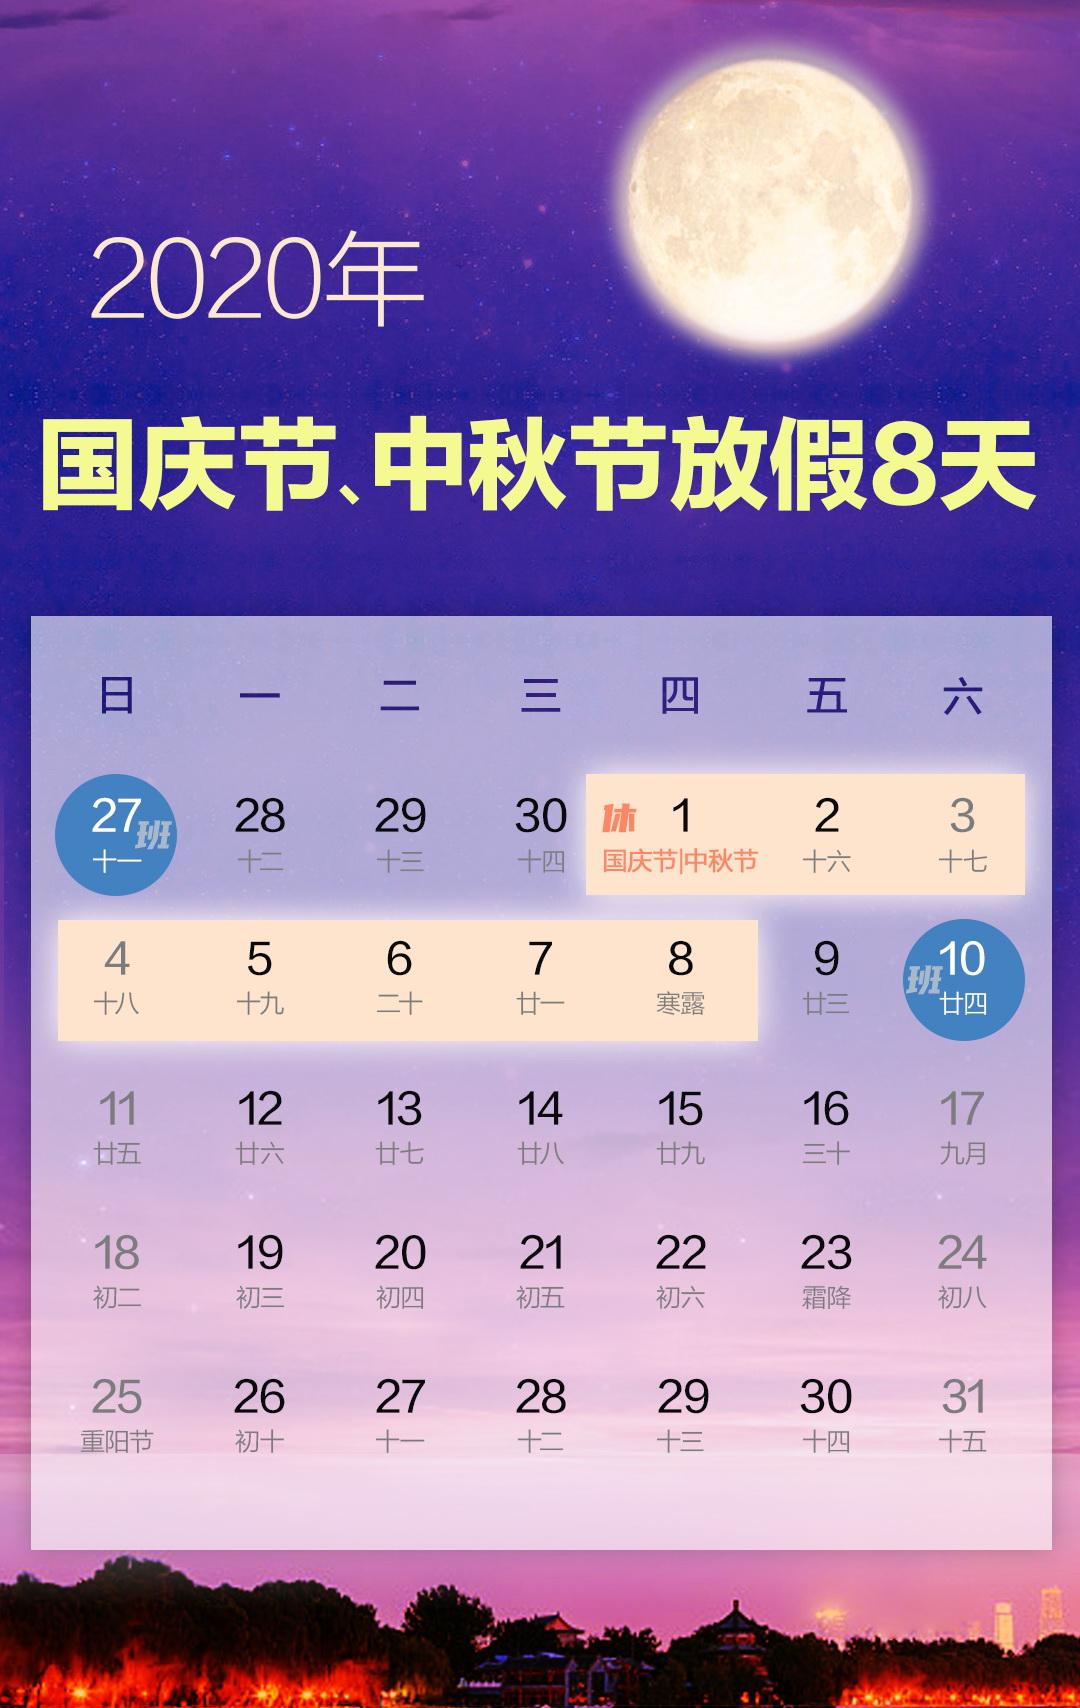 连休8天!2020年国庆节中秋节放假安排来了